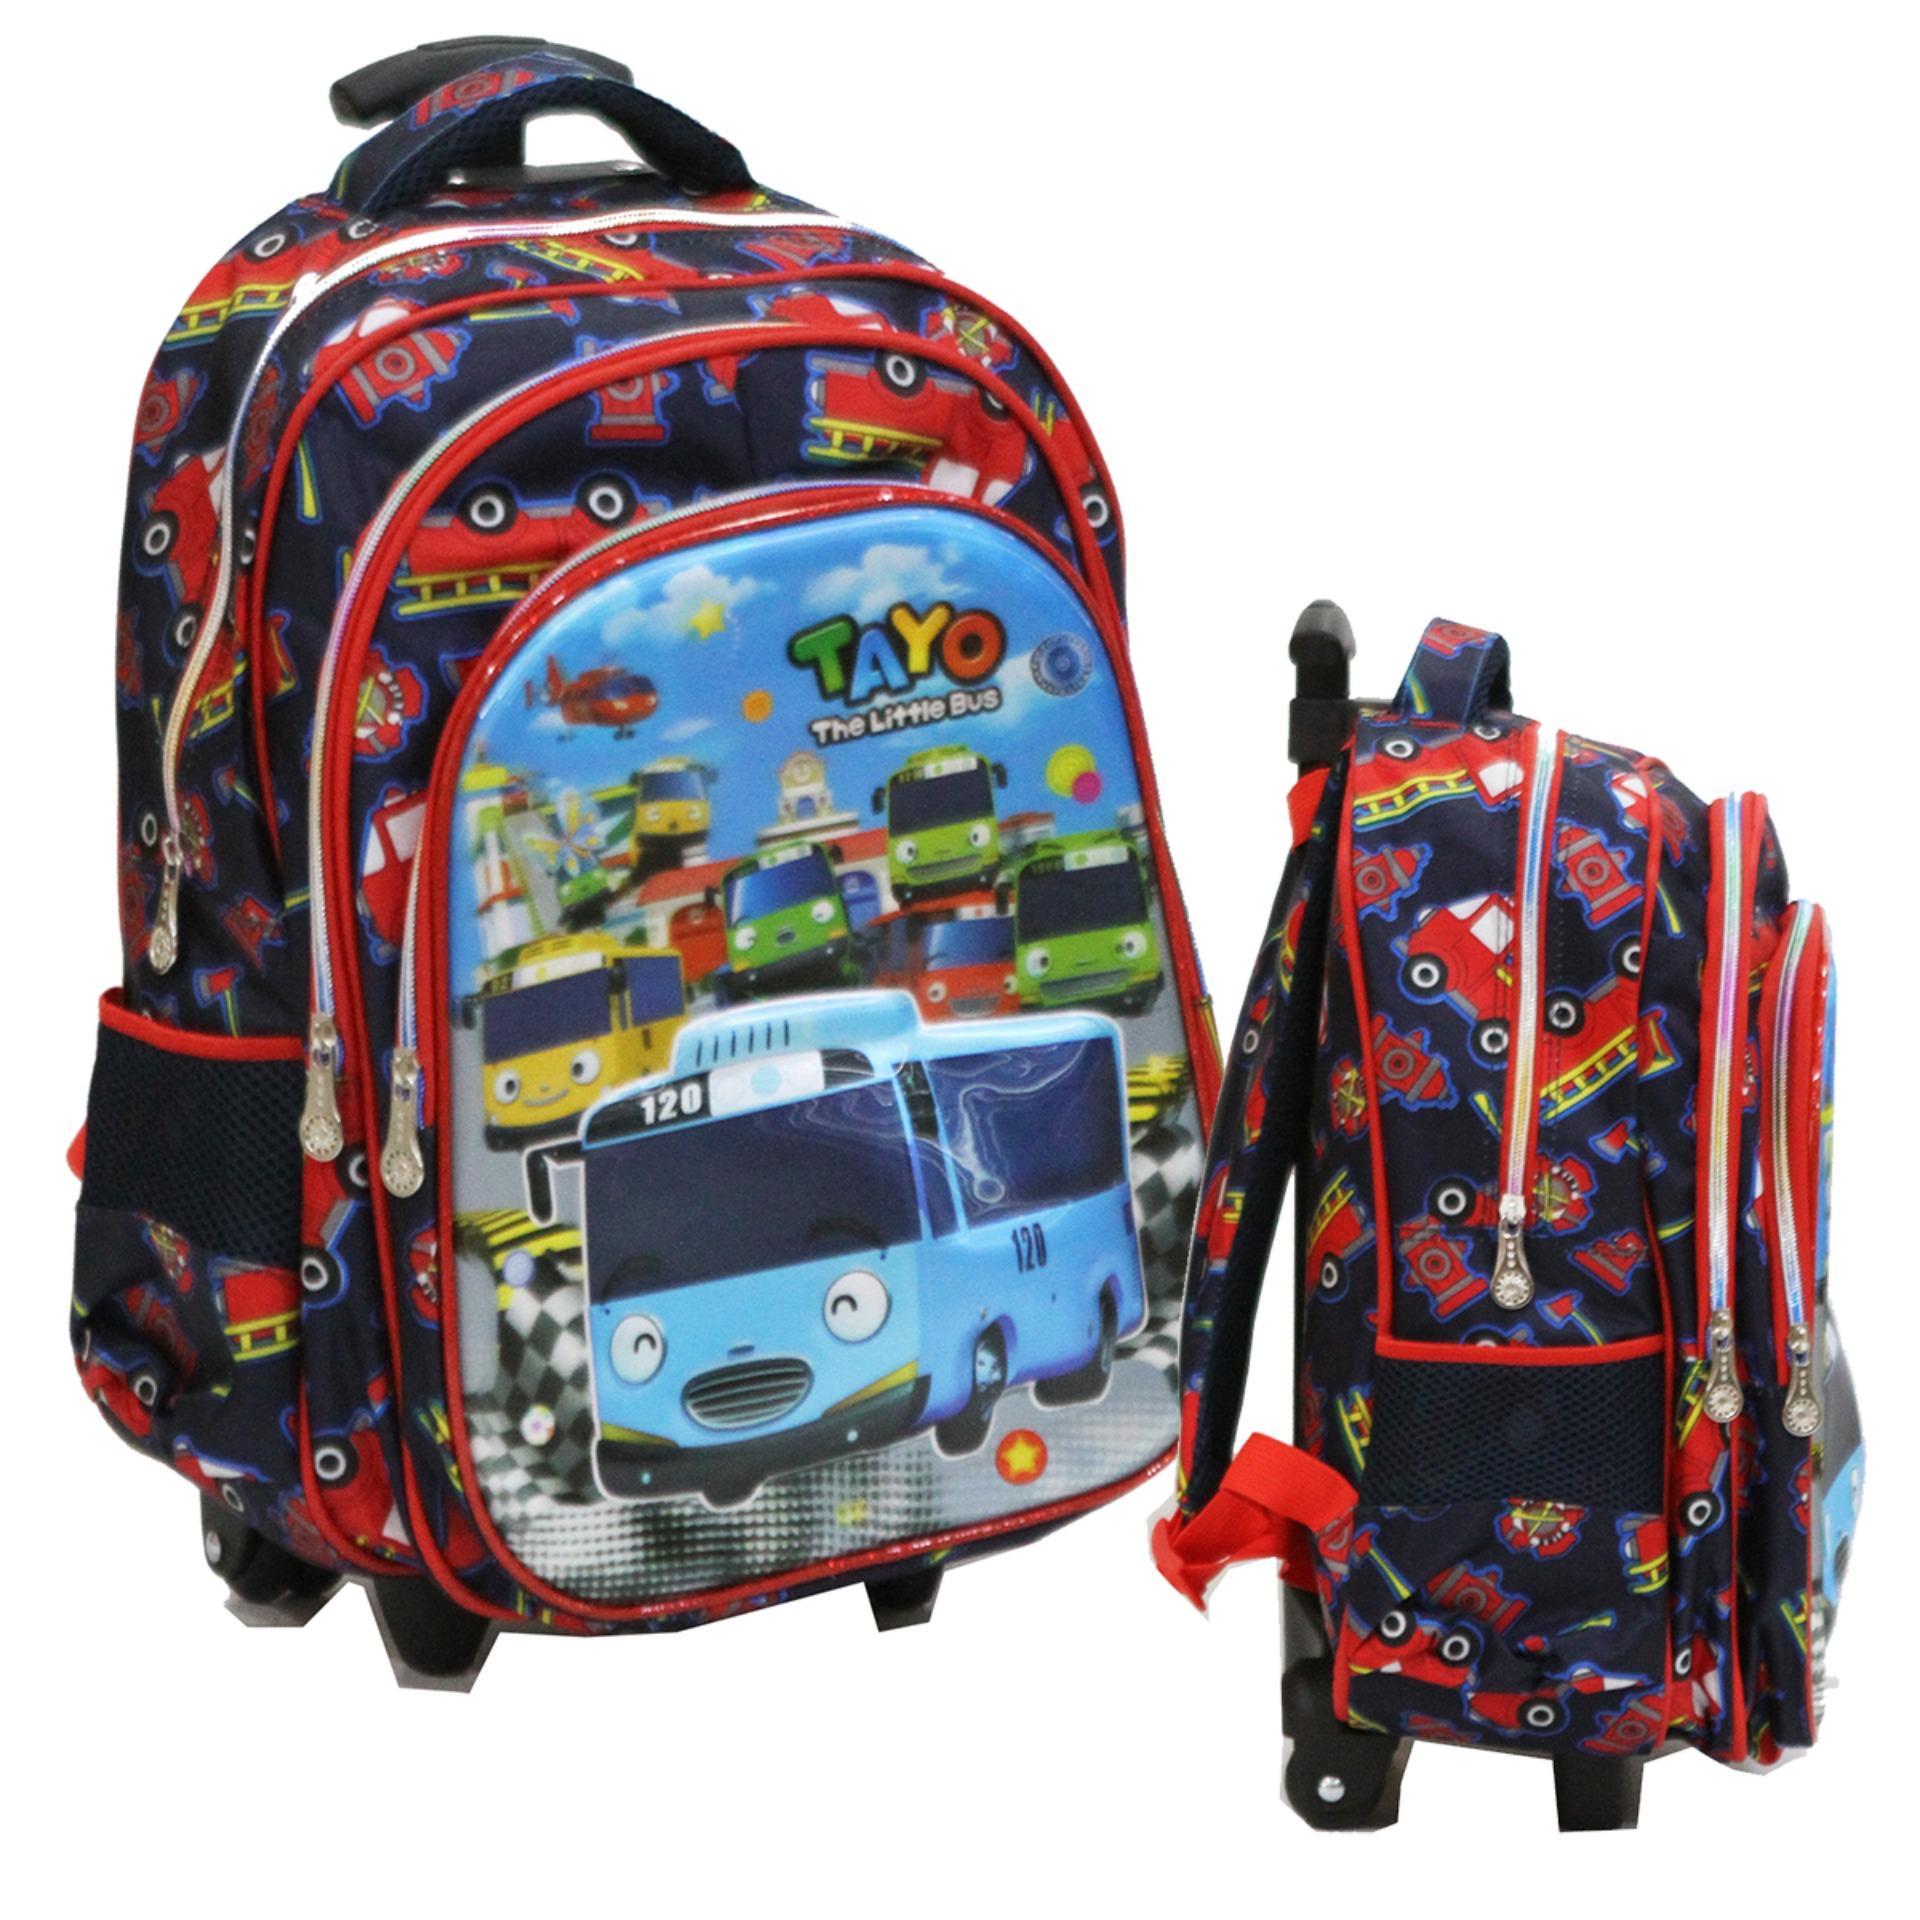 Promo Onlan Tas Trolley Anak Sekolah Sd Bus Tayo 5D Timbul Unik 3 Kantung Import Akhir Tahun